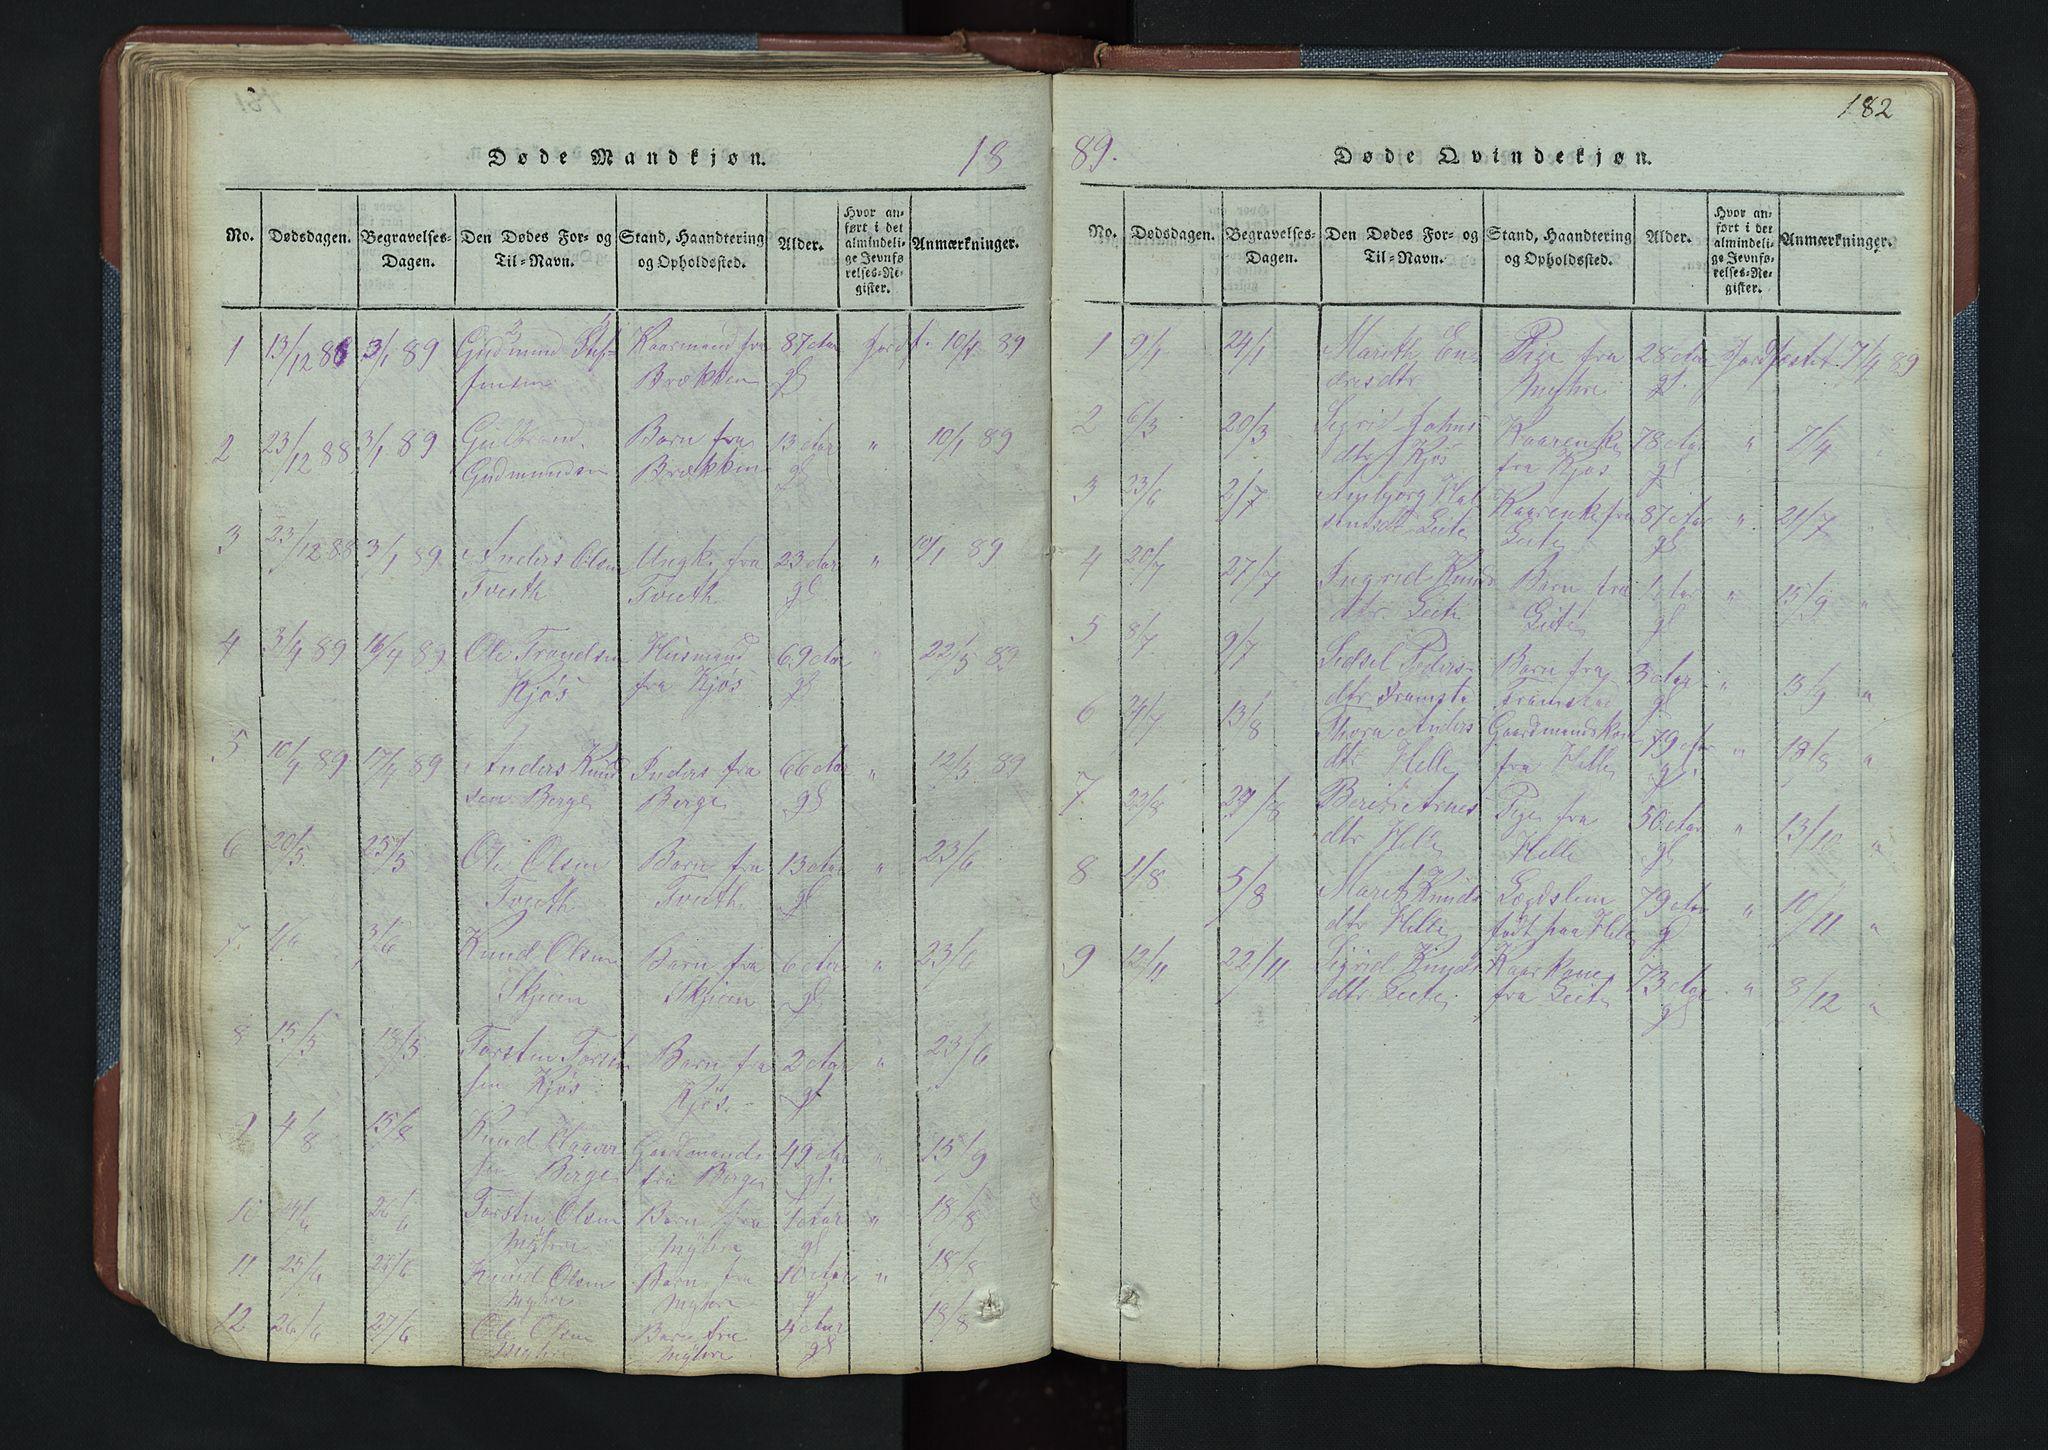 SAH, Vang prestekontor, Valdres, Klokkerbok nr. 3, 1814-1892, s. 182